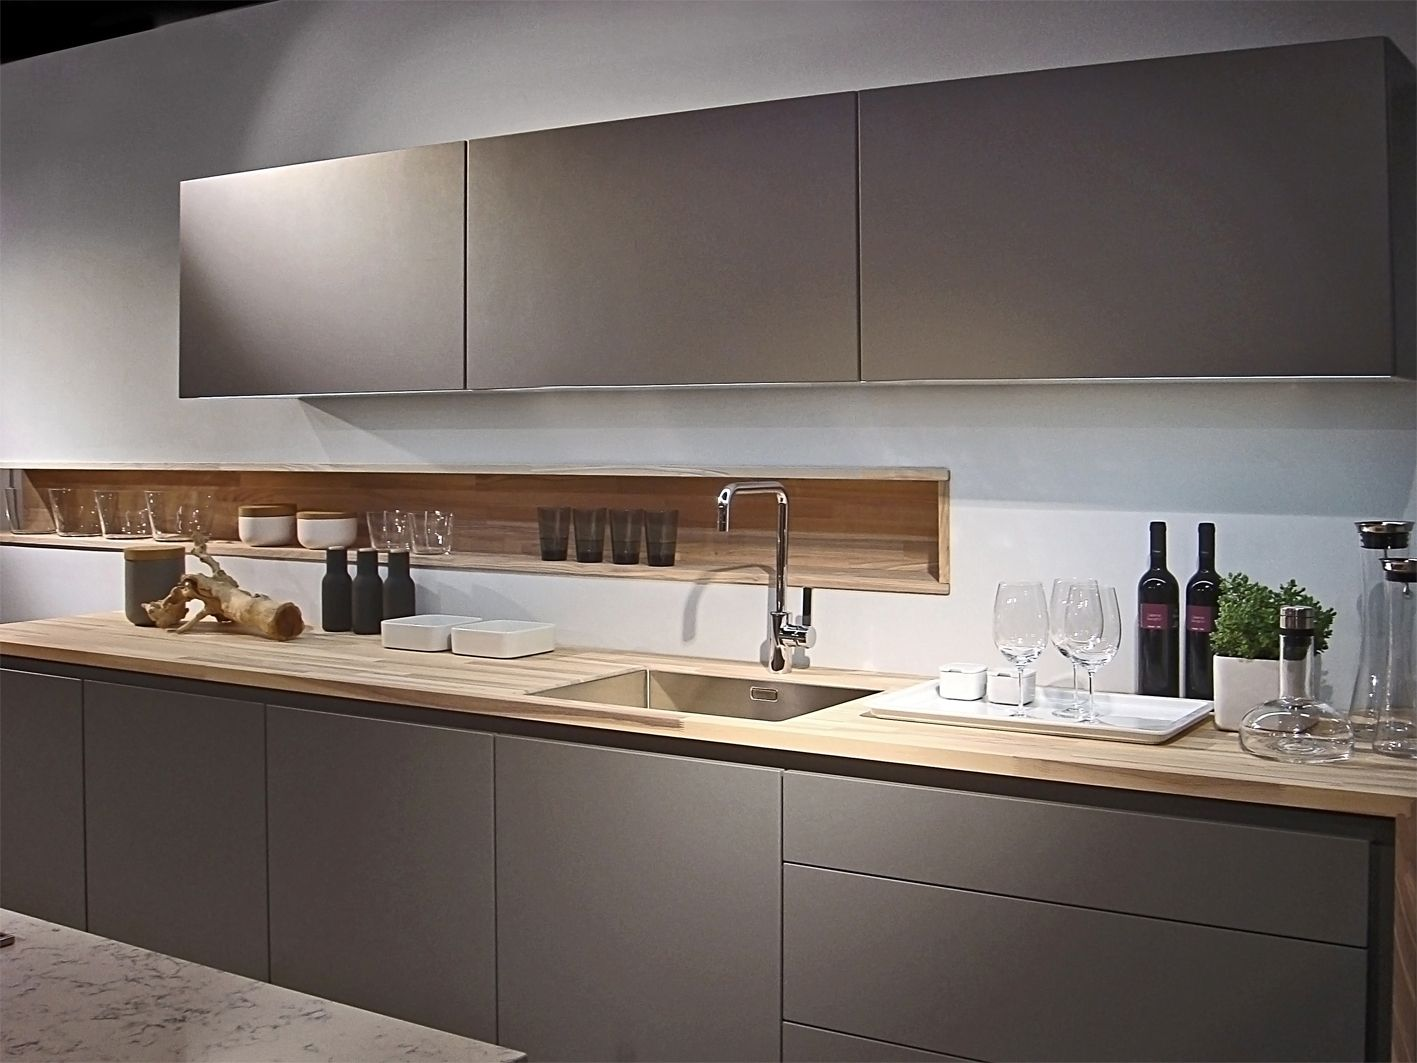 Farbe Küchenfronten … | Küchen - Herde - Esstische | Pinterest ...